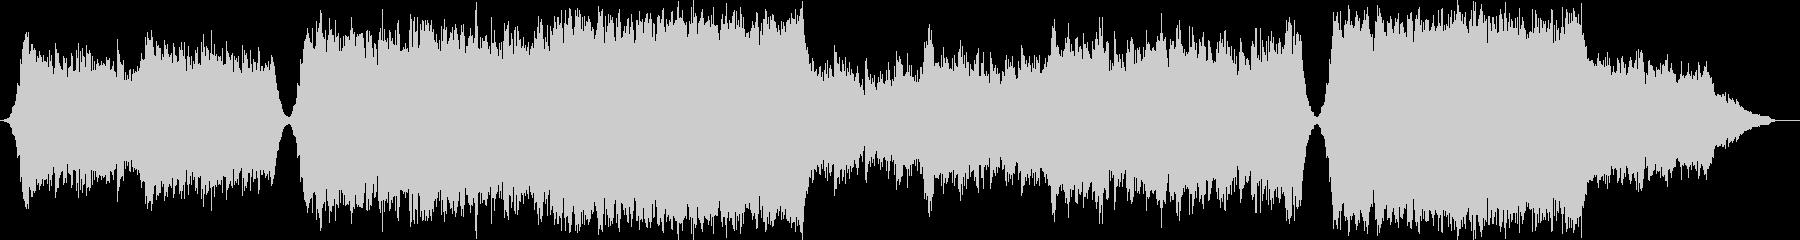 現代的 交響曲 クラシック 広い ...の未再生の波形